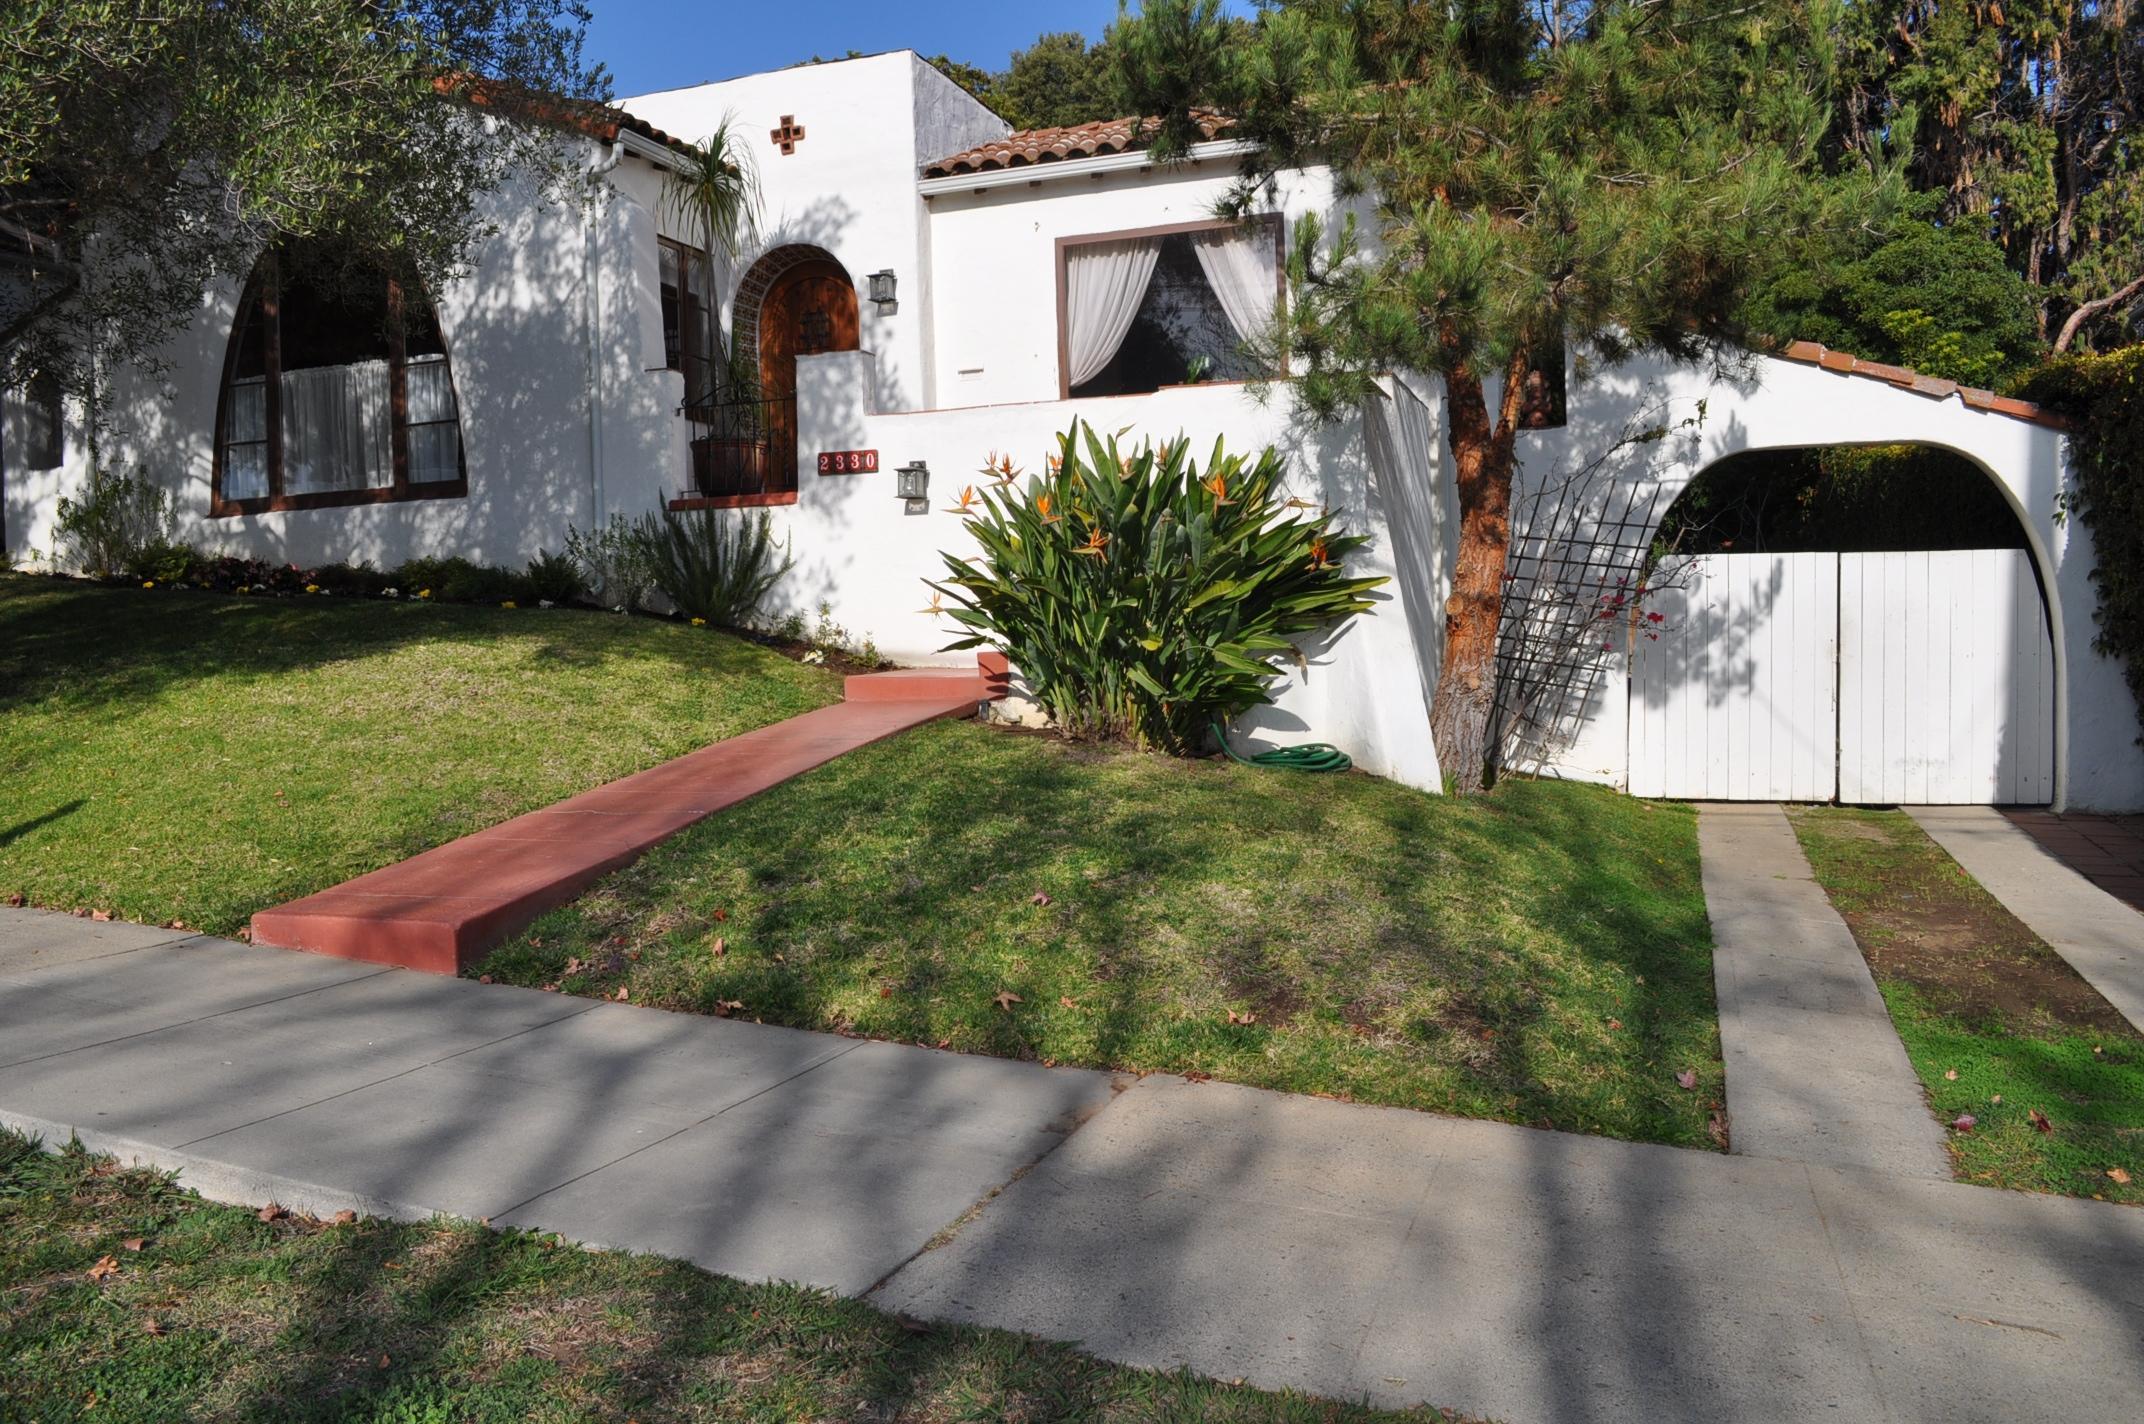 Property photo for 2330 Chapala St Santa Barbara, California 93105 - 14-208